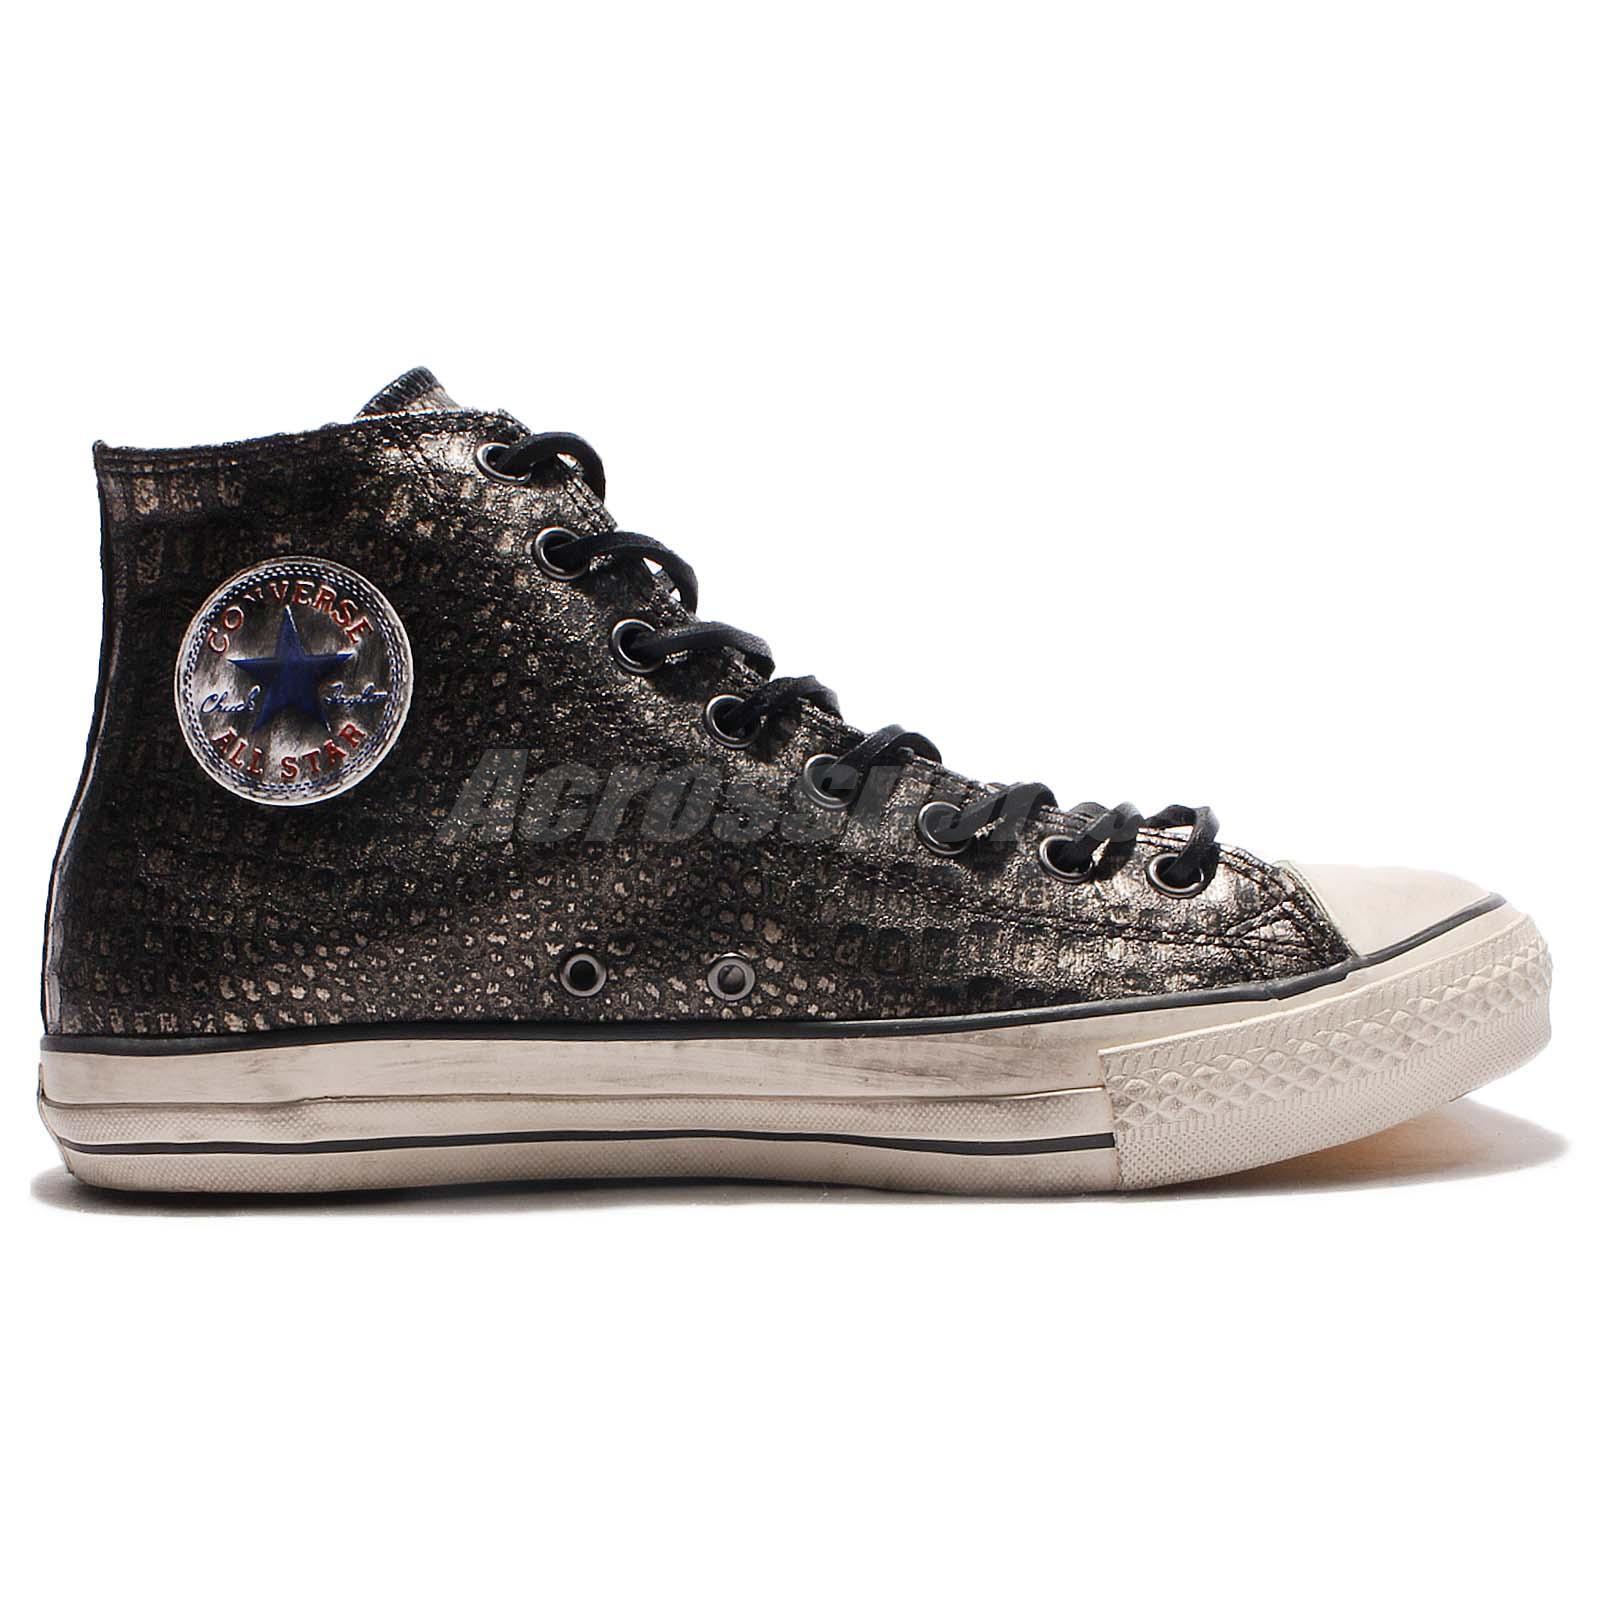 Converse X John Varvatos Chuck Taylor All Star Reptile